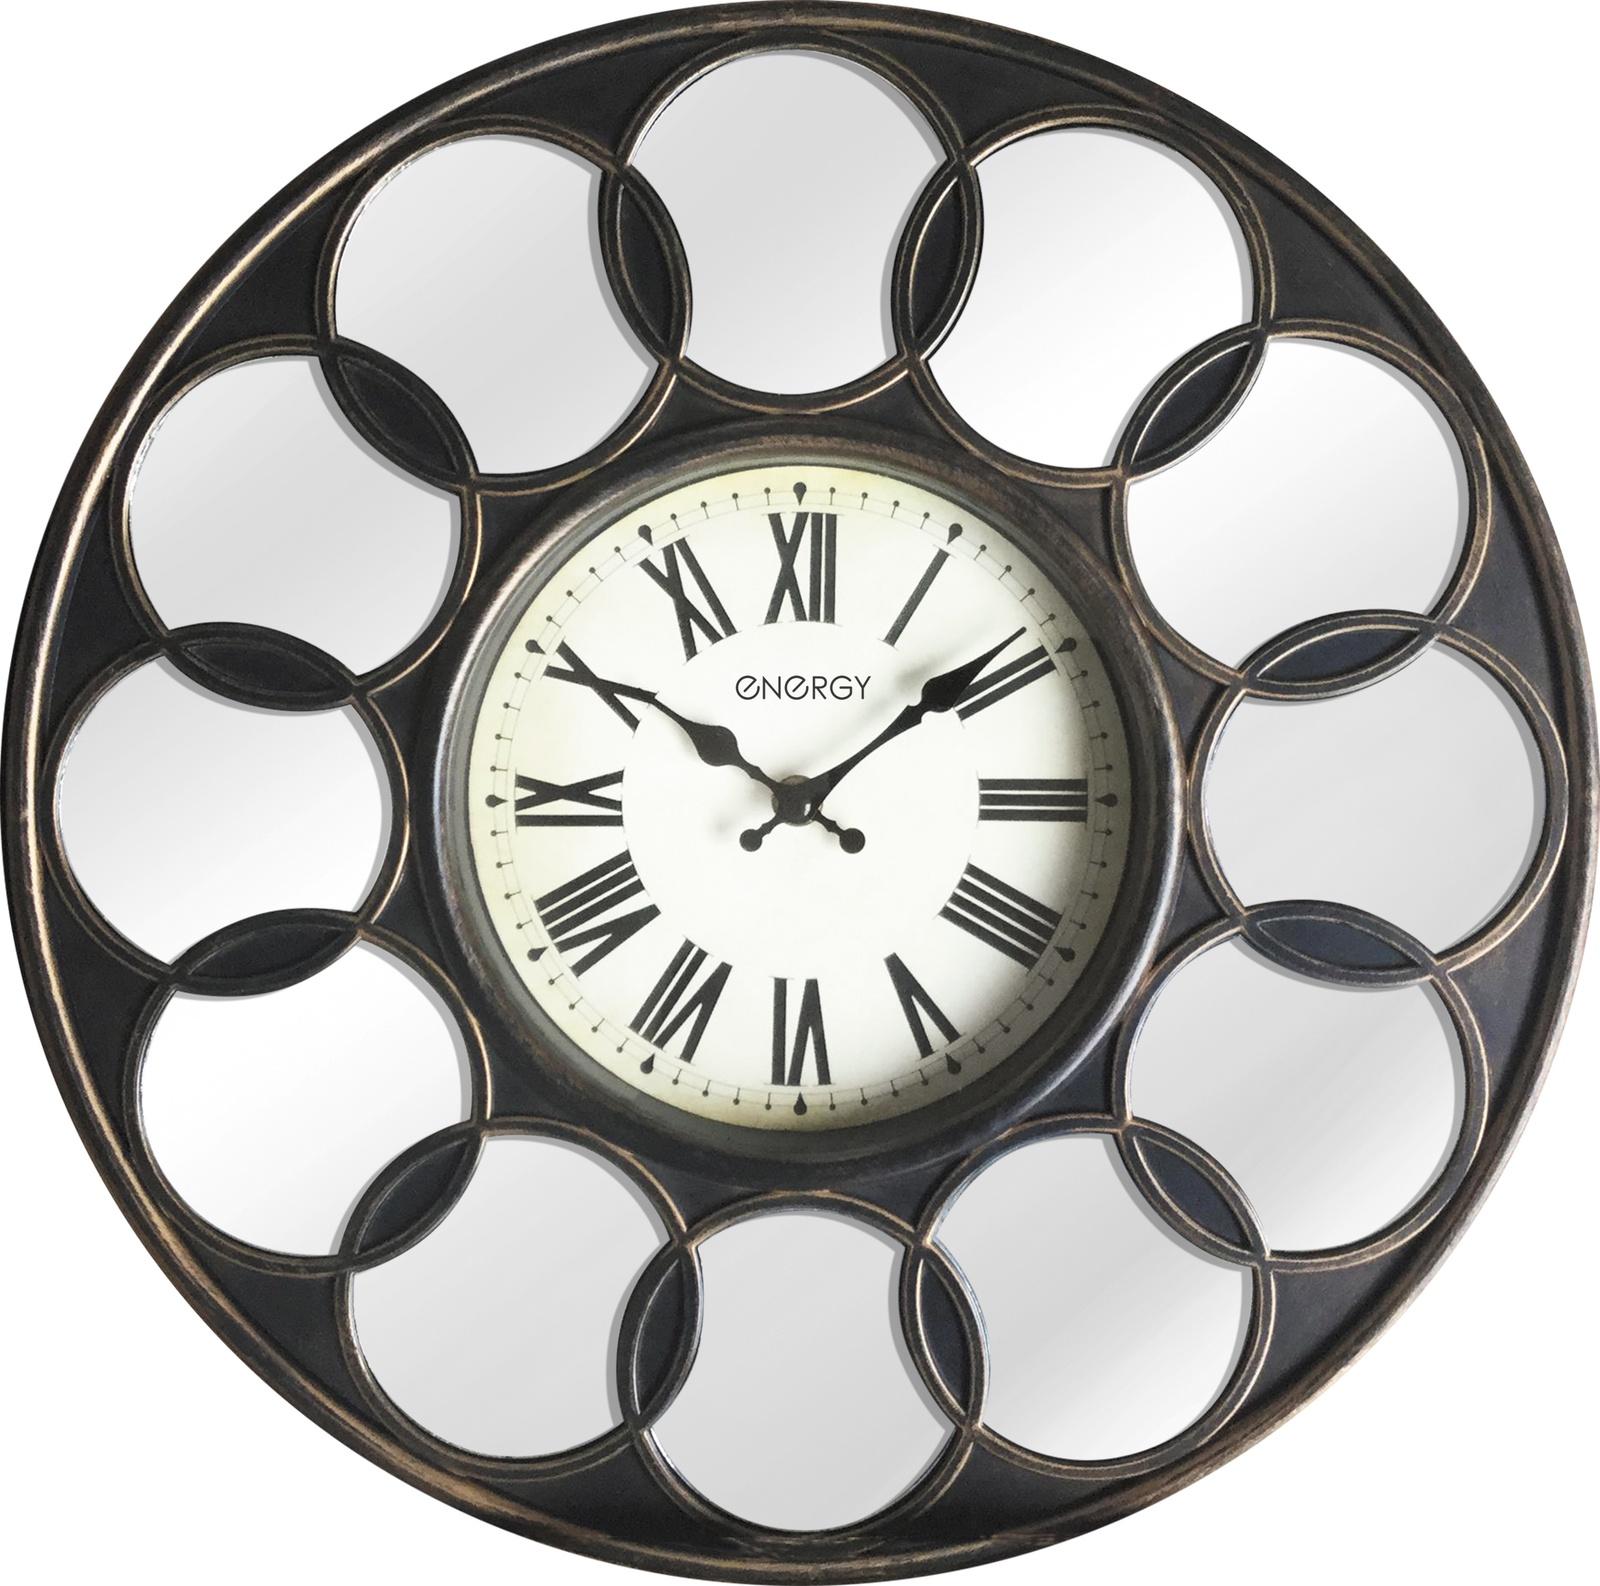 Часы настенные Energy ЕС-122, 54 009496, под бронзу цена